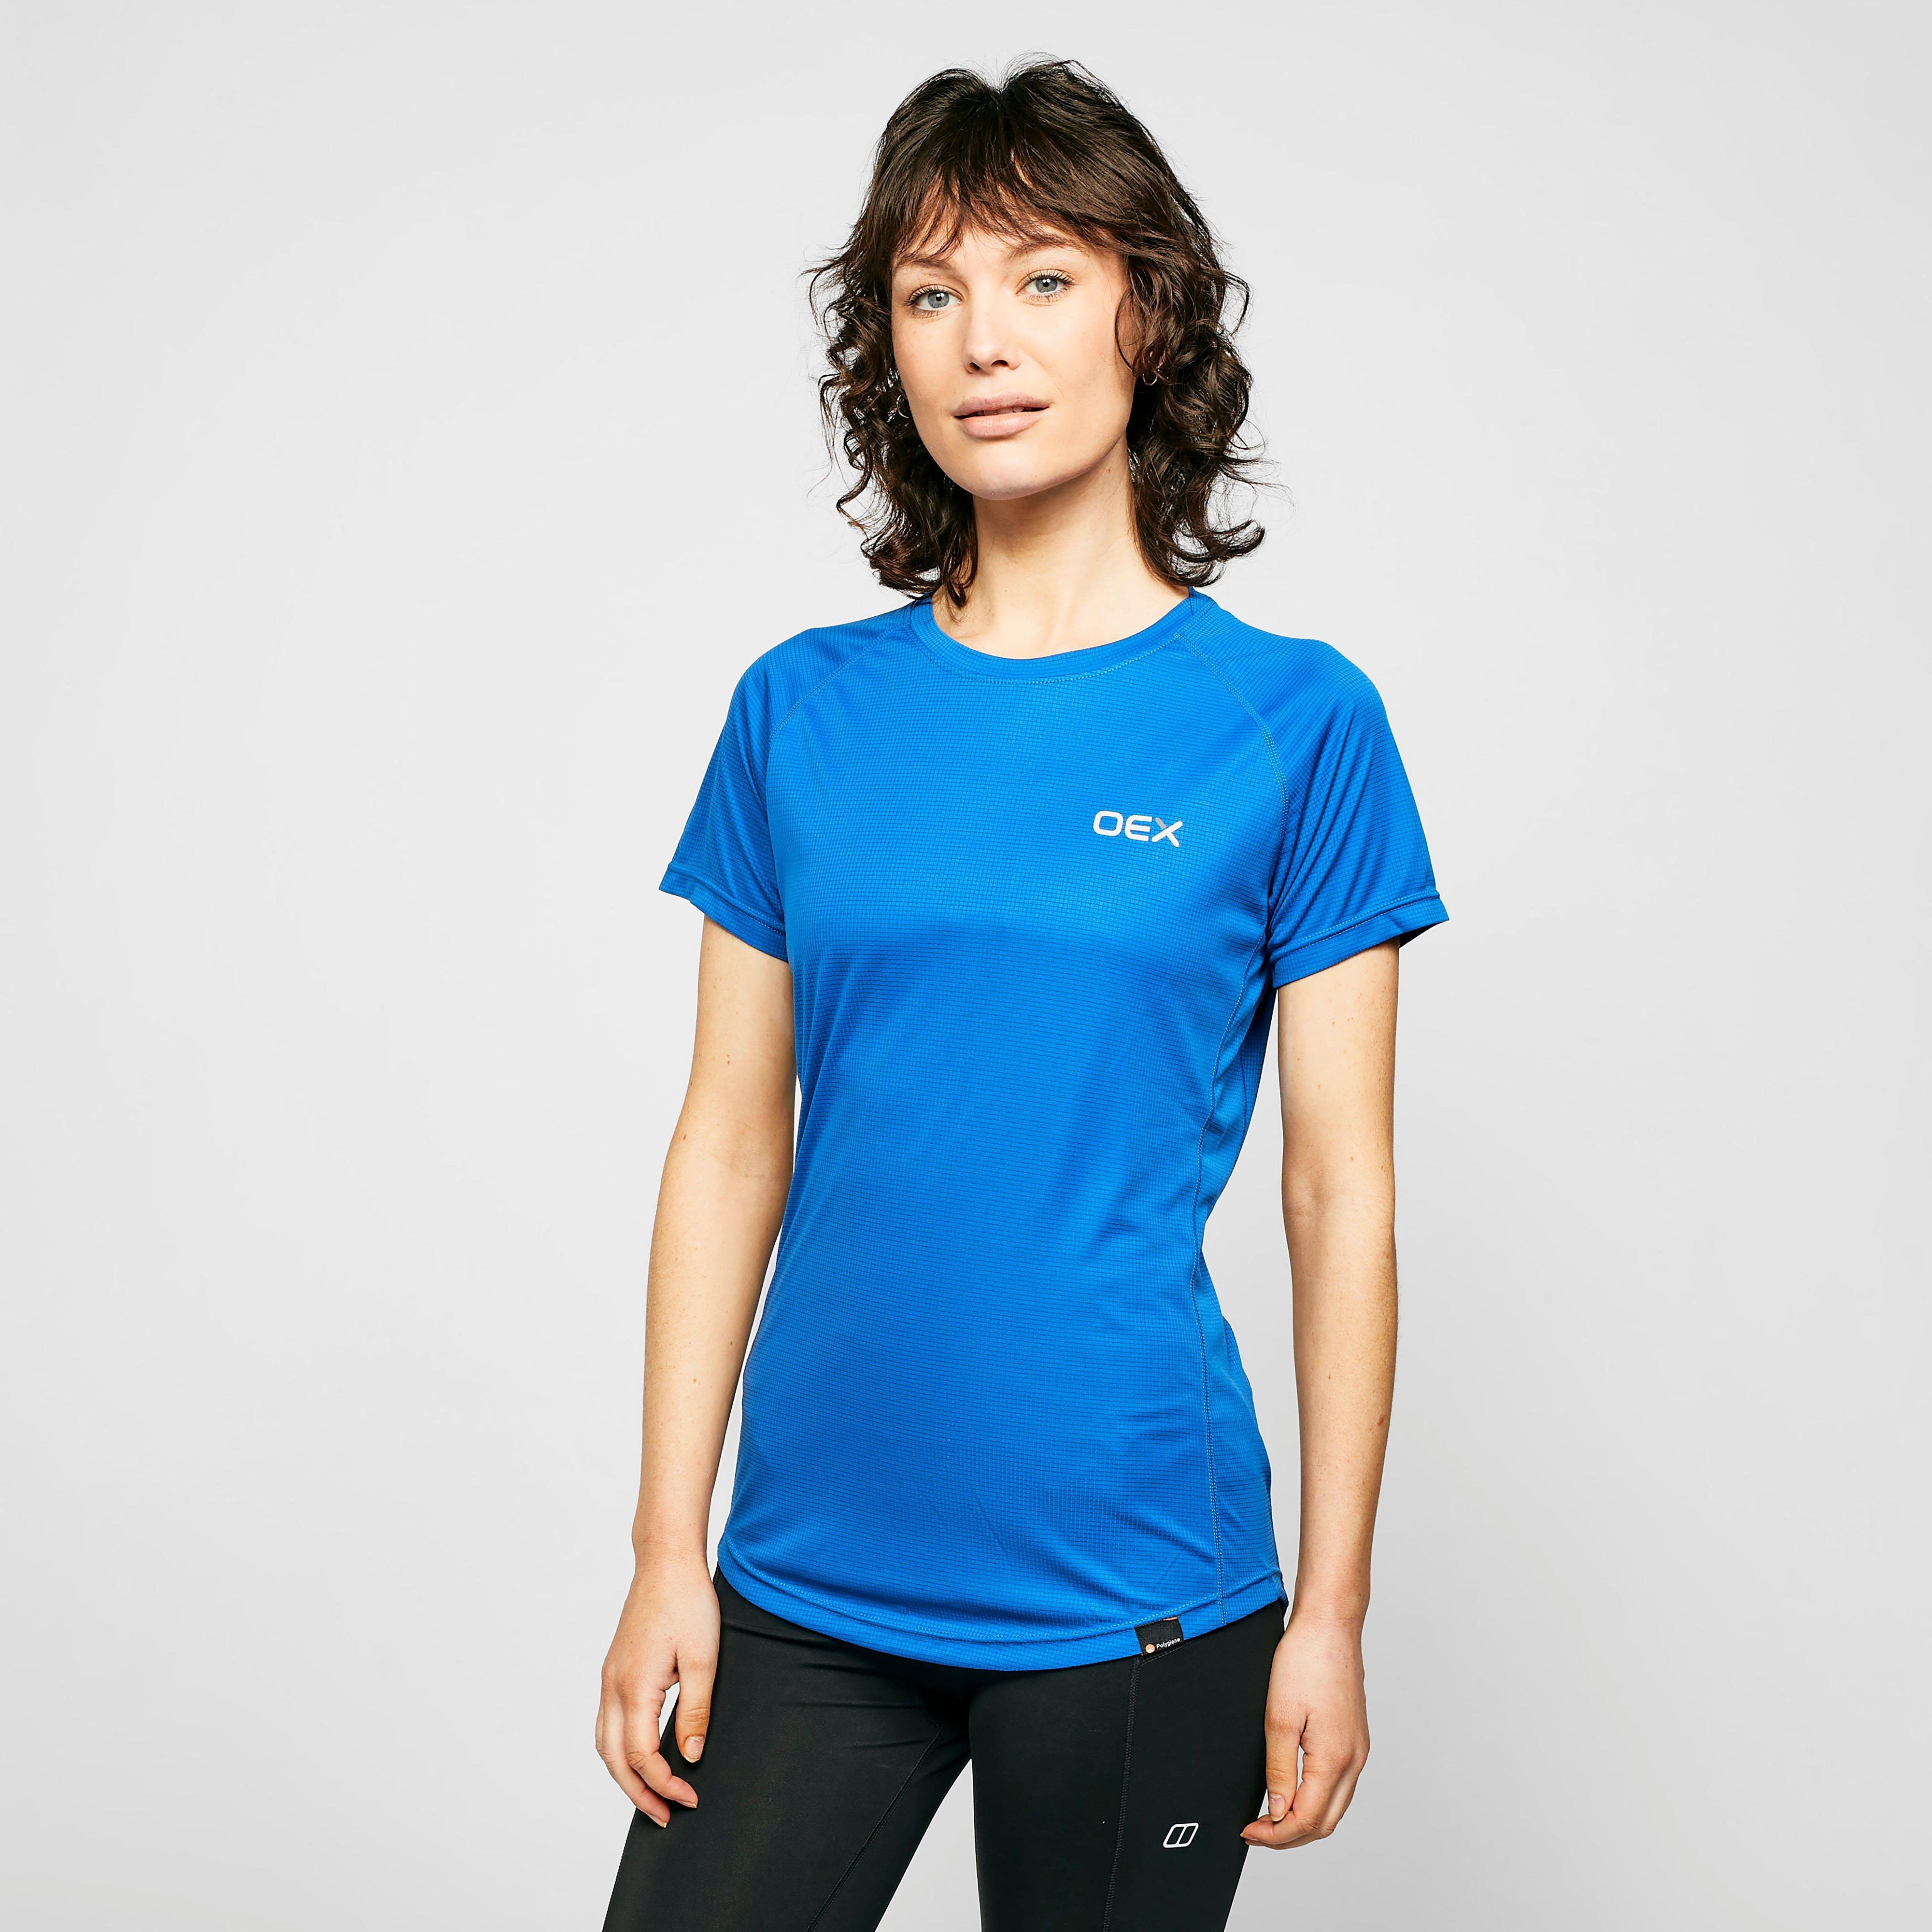 Oex Oex Womens Breeze Base Short Sleeve T-Shirt, Blue